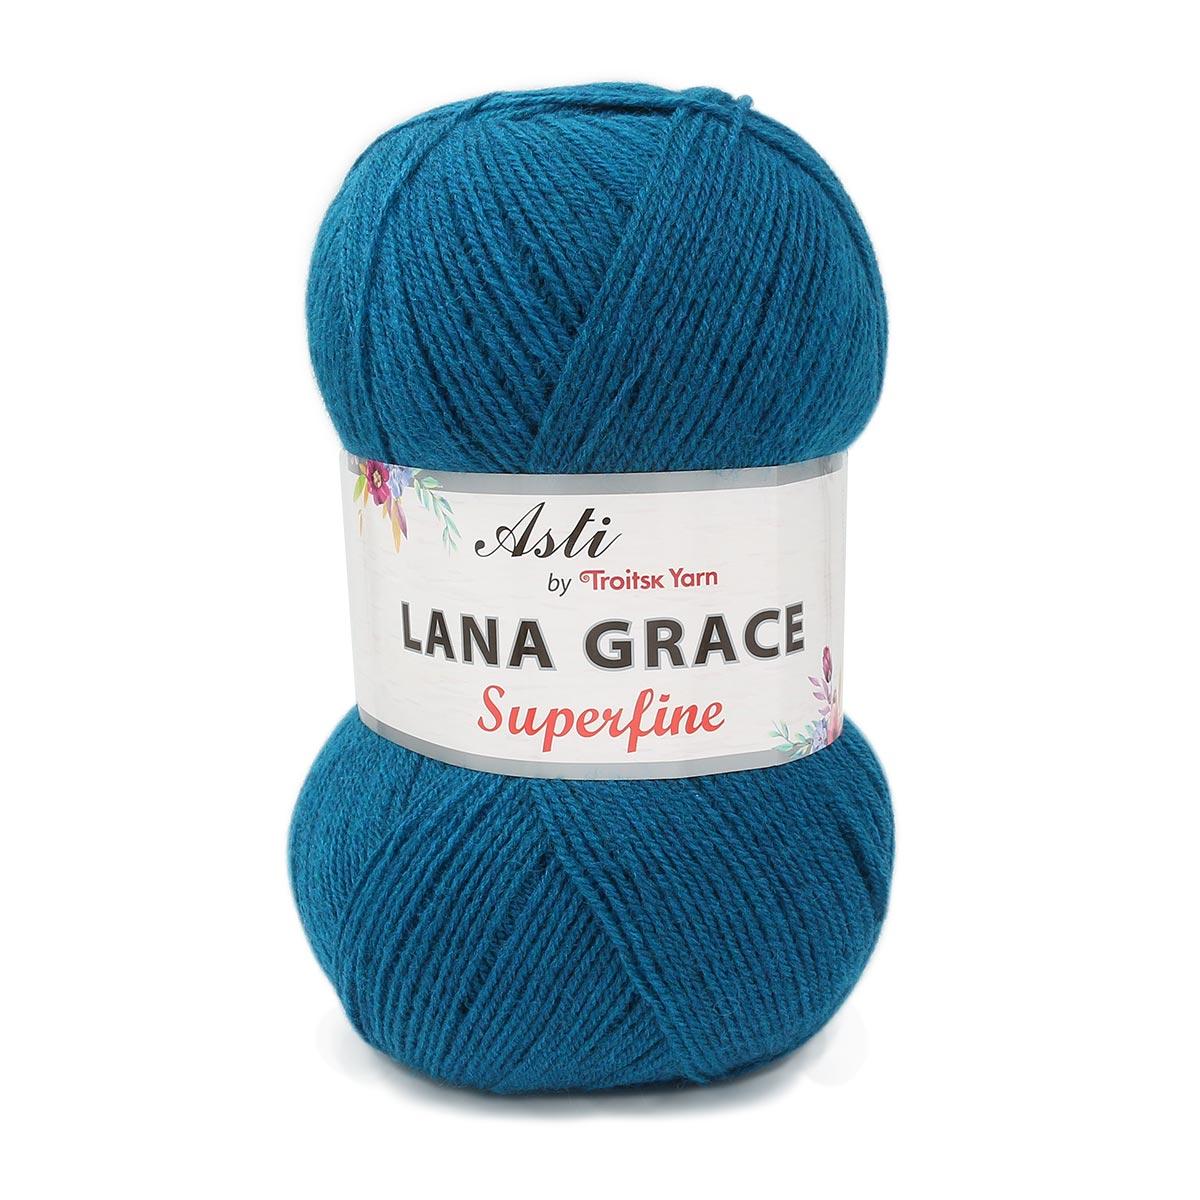 Пряжа из Троицка 'Lana Grace Superfine' 100гр. 610м. (25% мериносовая шерсть, 75% акрил супер софт)